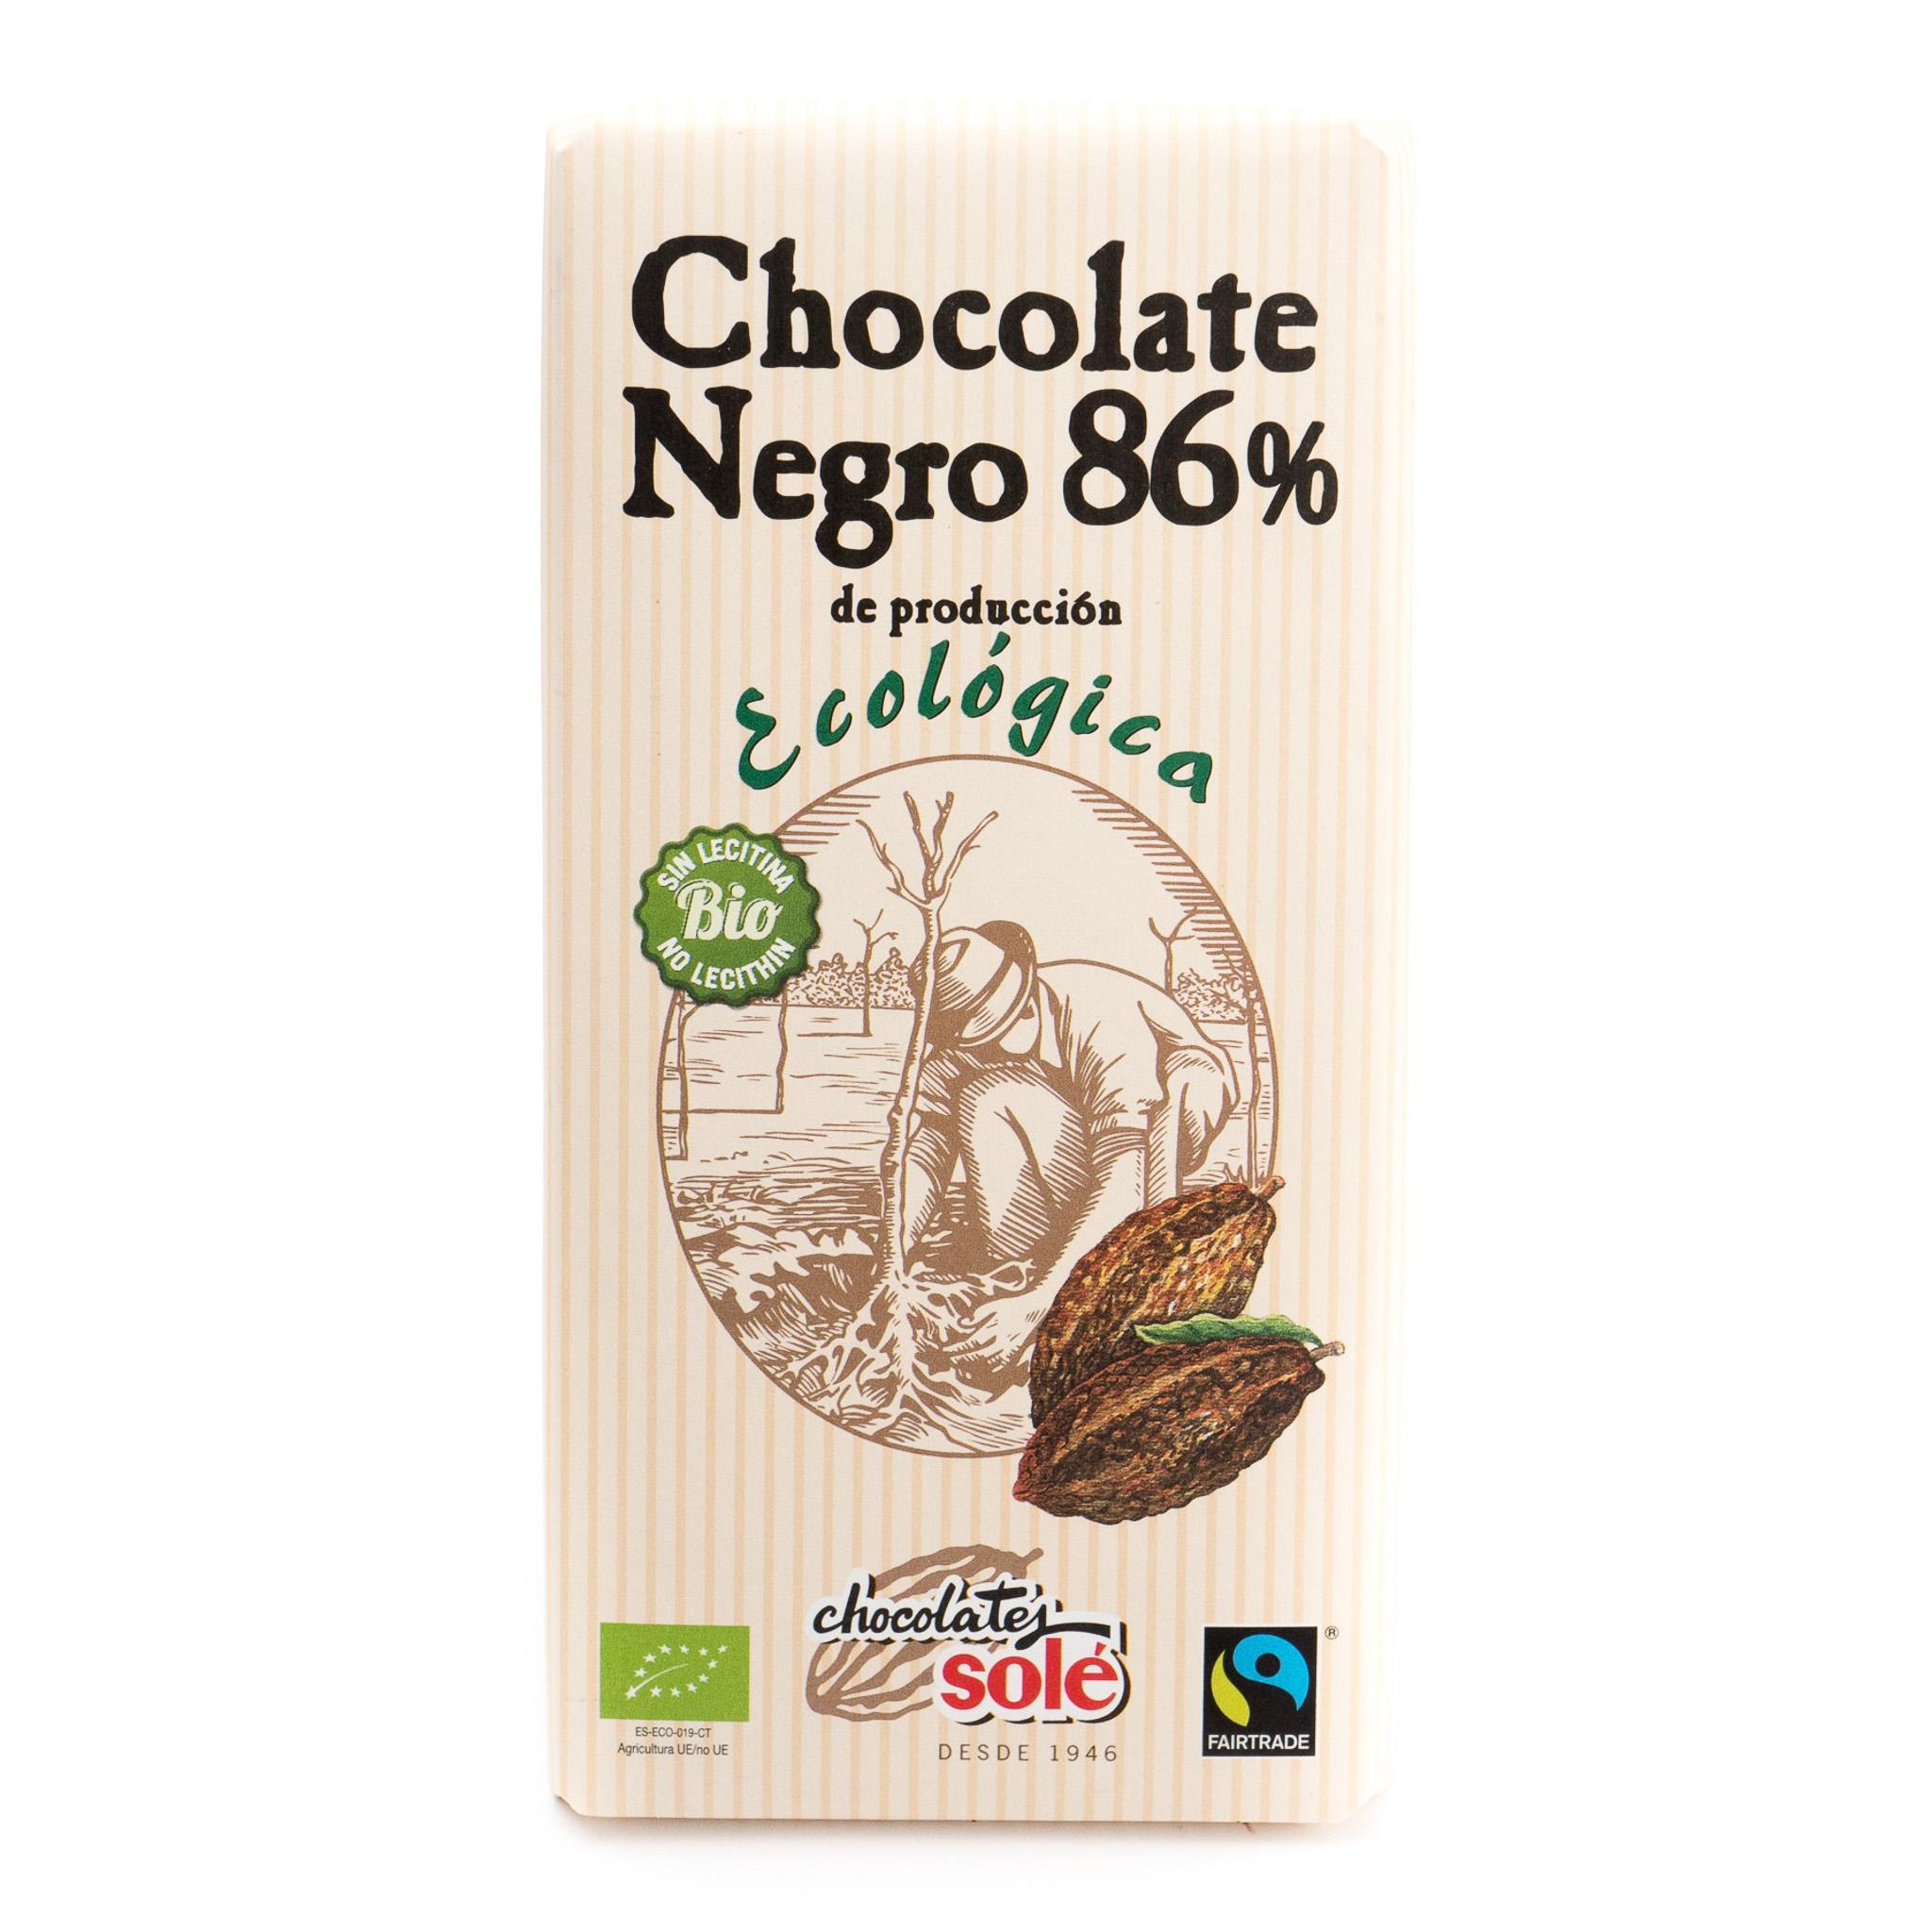 Chocolate negro 86% ecológico